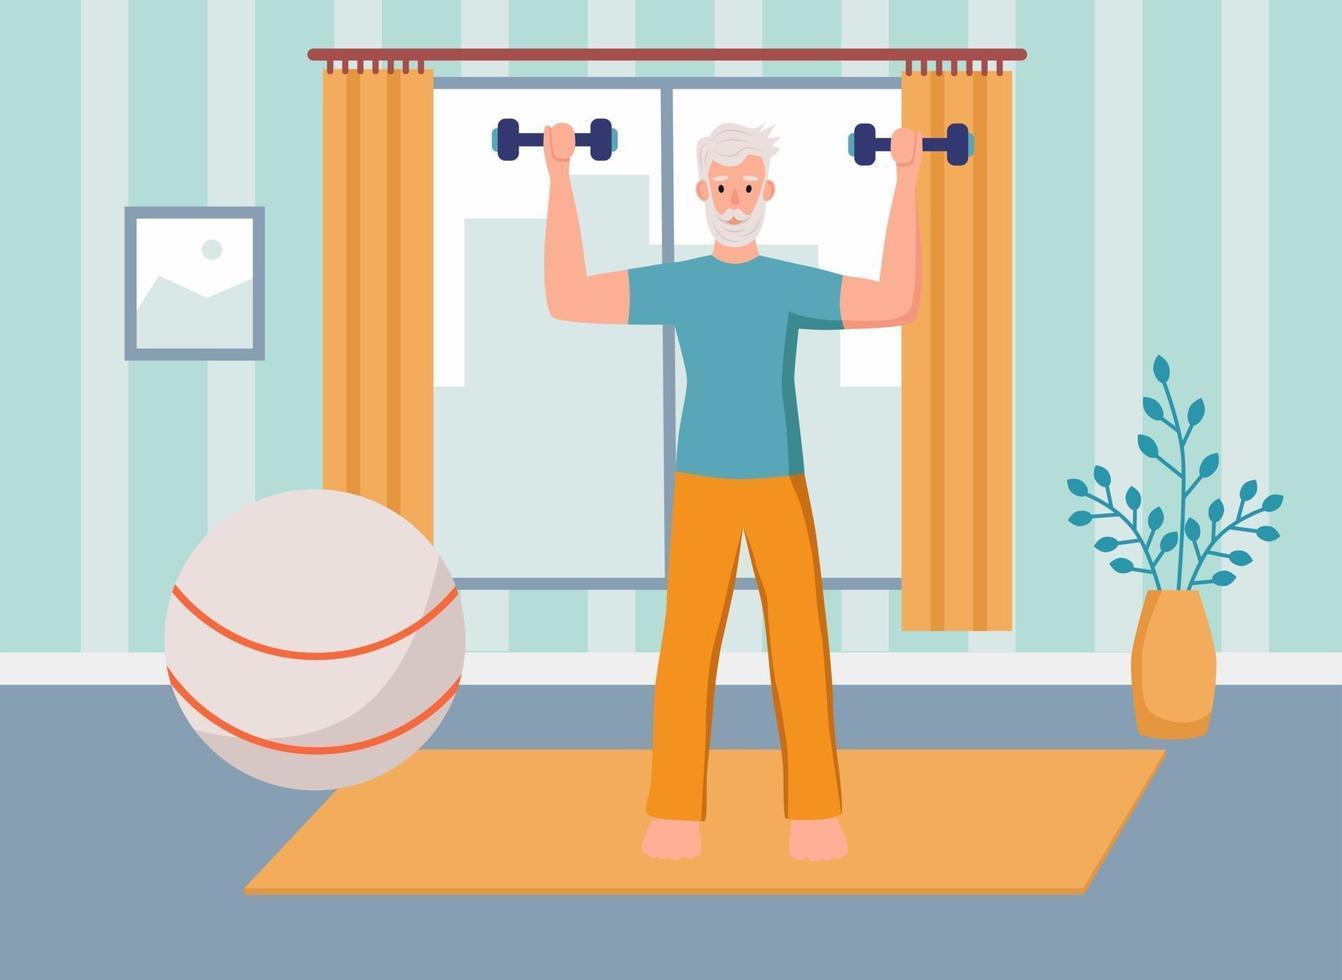 un uomo anziano fa sport a casa .. il concetto di vecchiaia attiva, sport e yoga. giorno degli anziani. illustrazione vettoriale di cartone animato piatto.